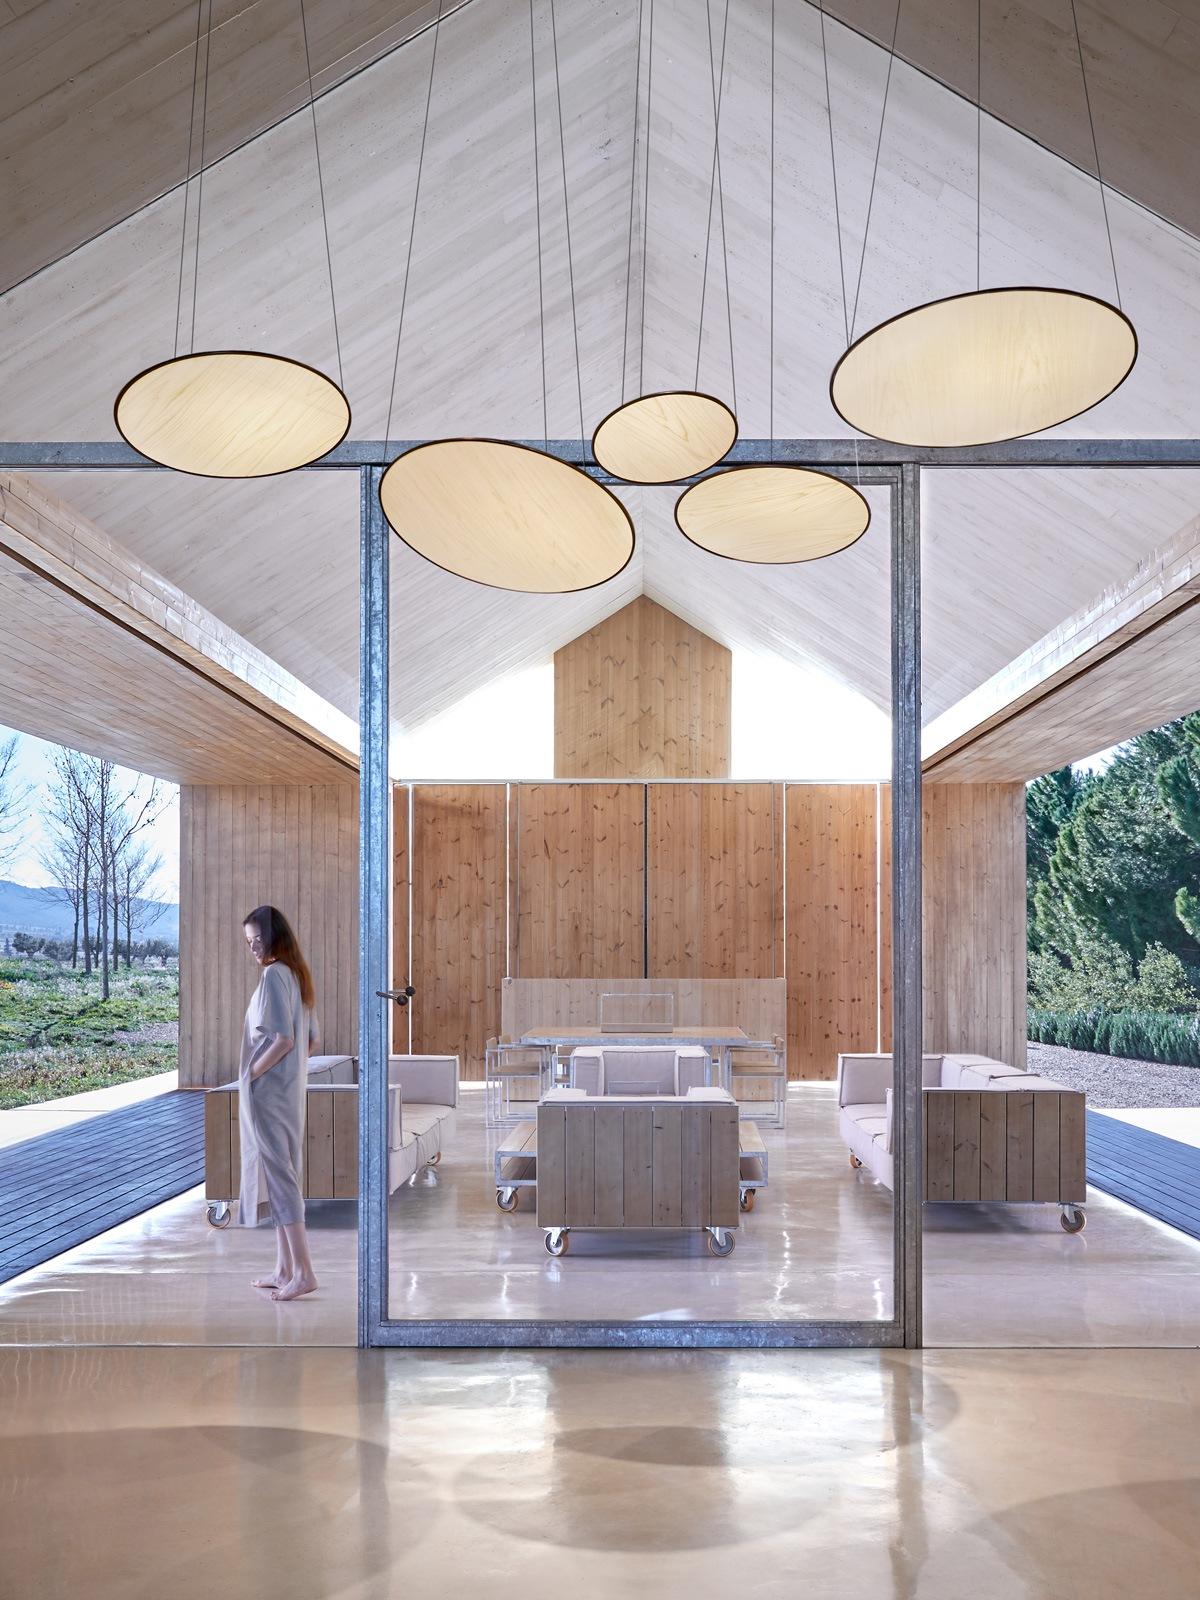 Designort Blog: Neue Designerleuchten von LZF Lamps Suns Pendelleuchte Holzleuchte DesignOrt Onlineshop Lampen Berlin